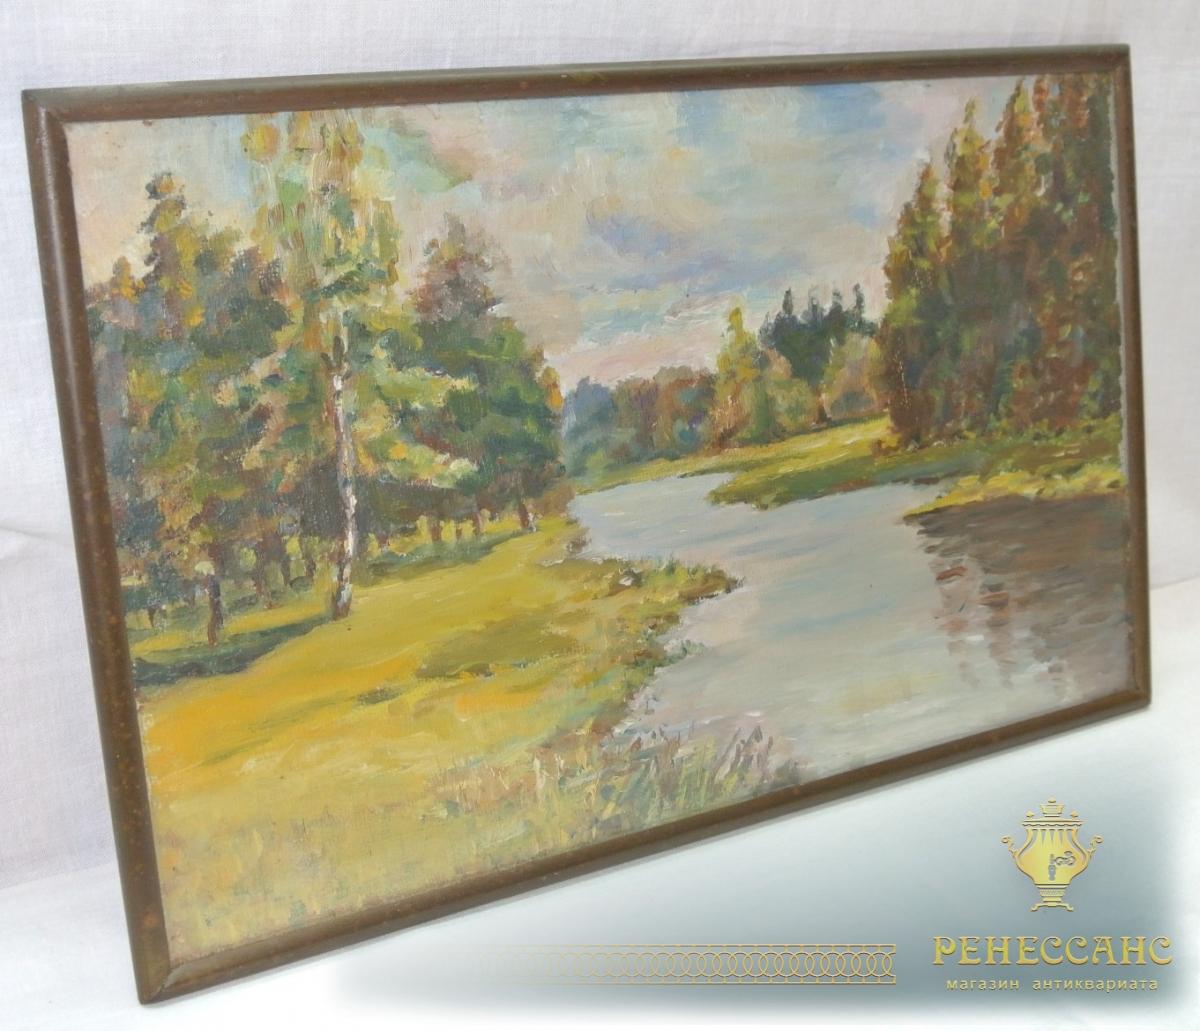 Картина старинная «Лесной пейзаж» акварель, начало 20 века №3692